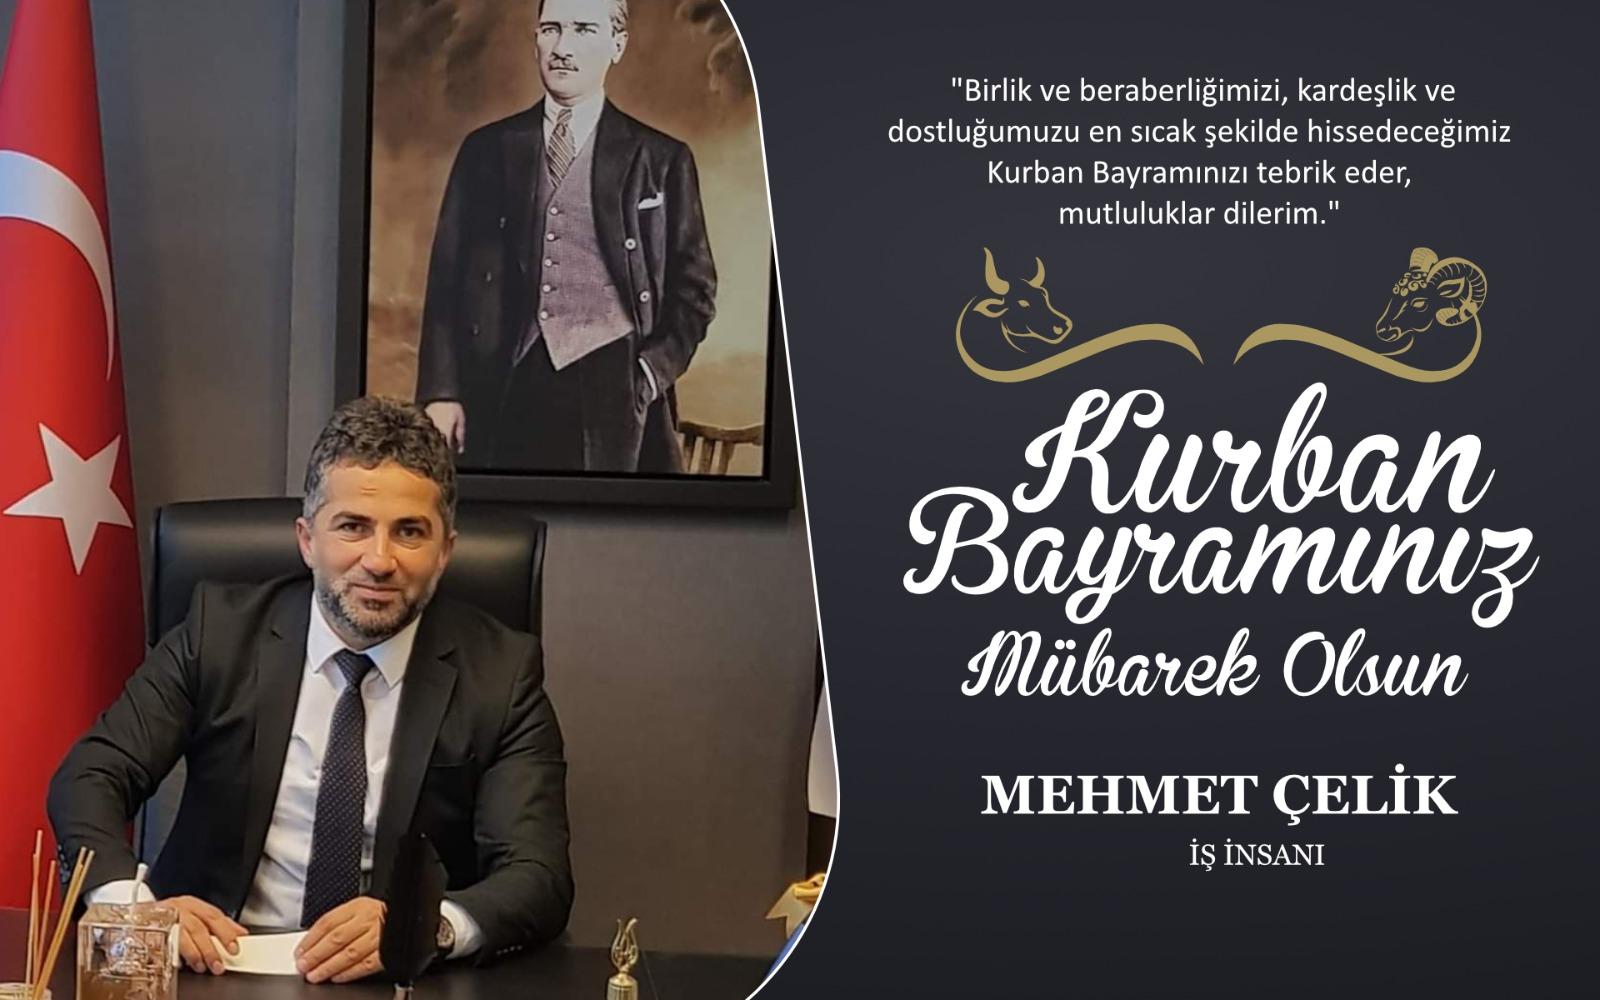 Mehmet Çelik'ten Kurban Bayramı Kutlama Mesajı